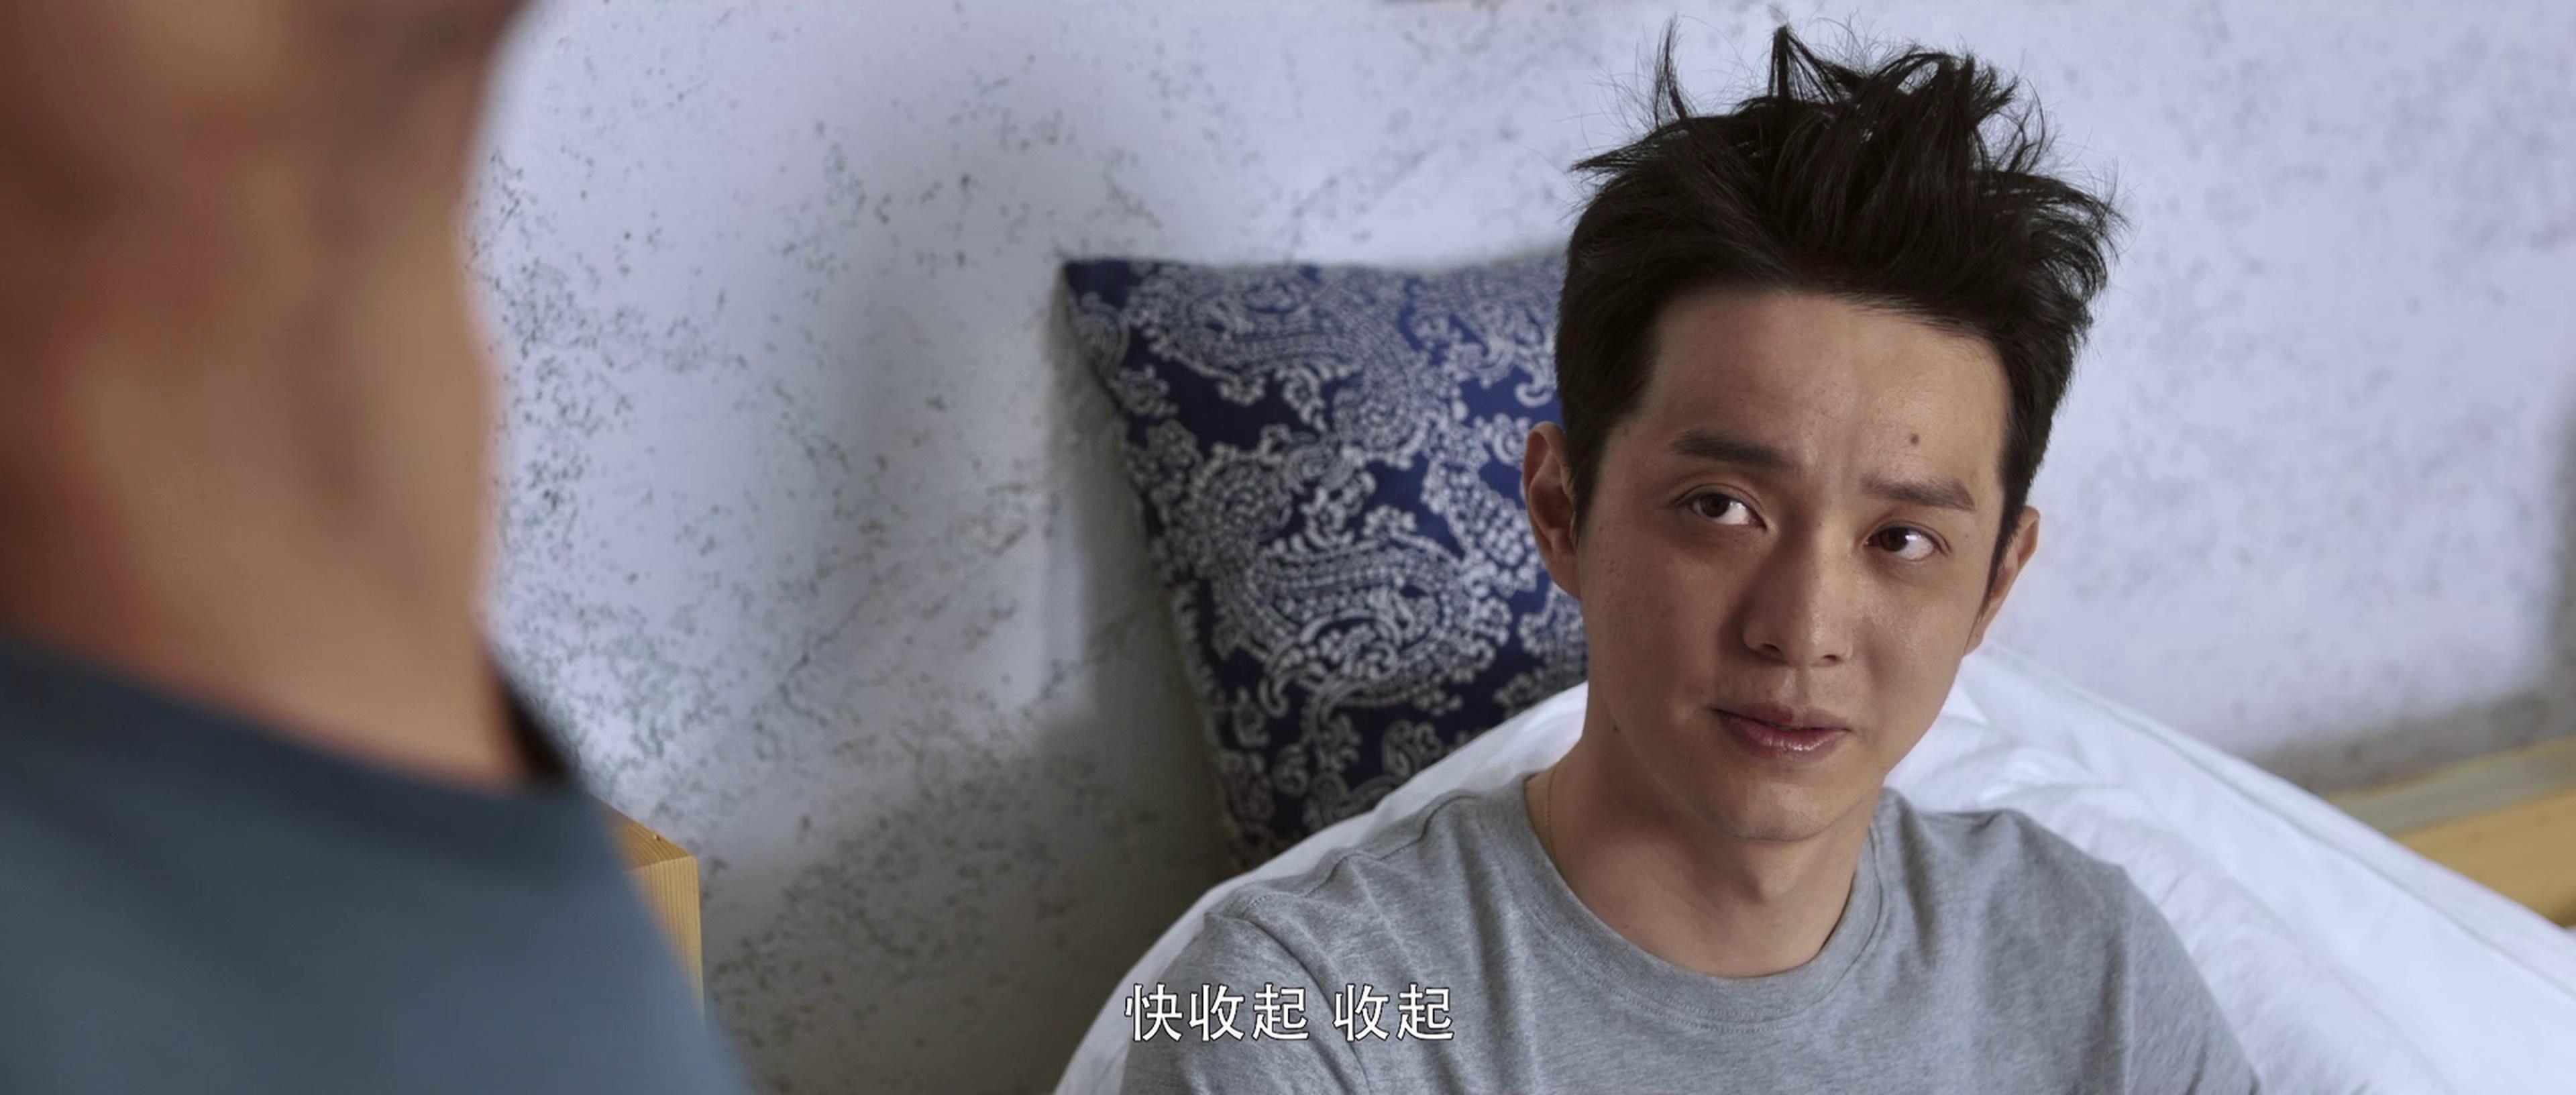 悠悠MP4_MP4电影下载_[我来自北京之扶兄弟一把][WEB-MKV/10.88GB][国语配音/中文字幕][4K-2160P][H265编码][正能量,喜剧,精准扶贫,扶贫